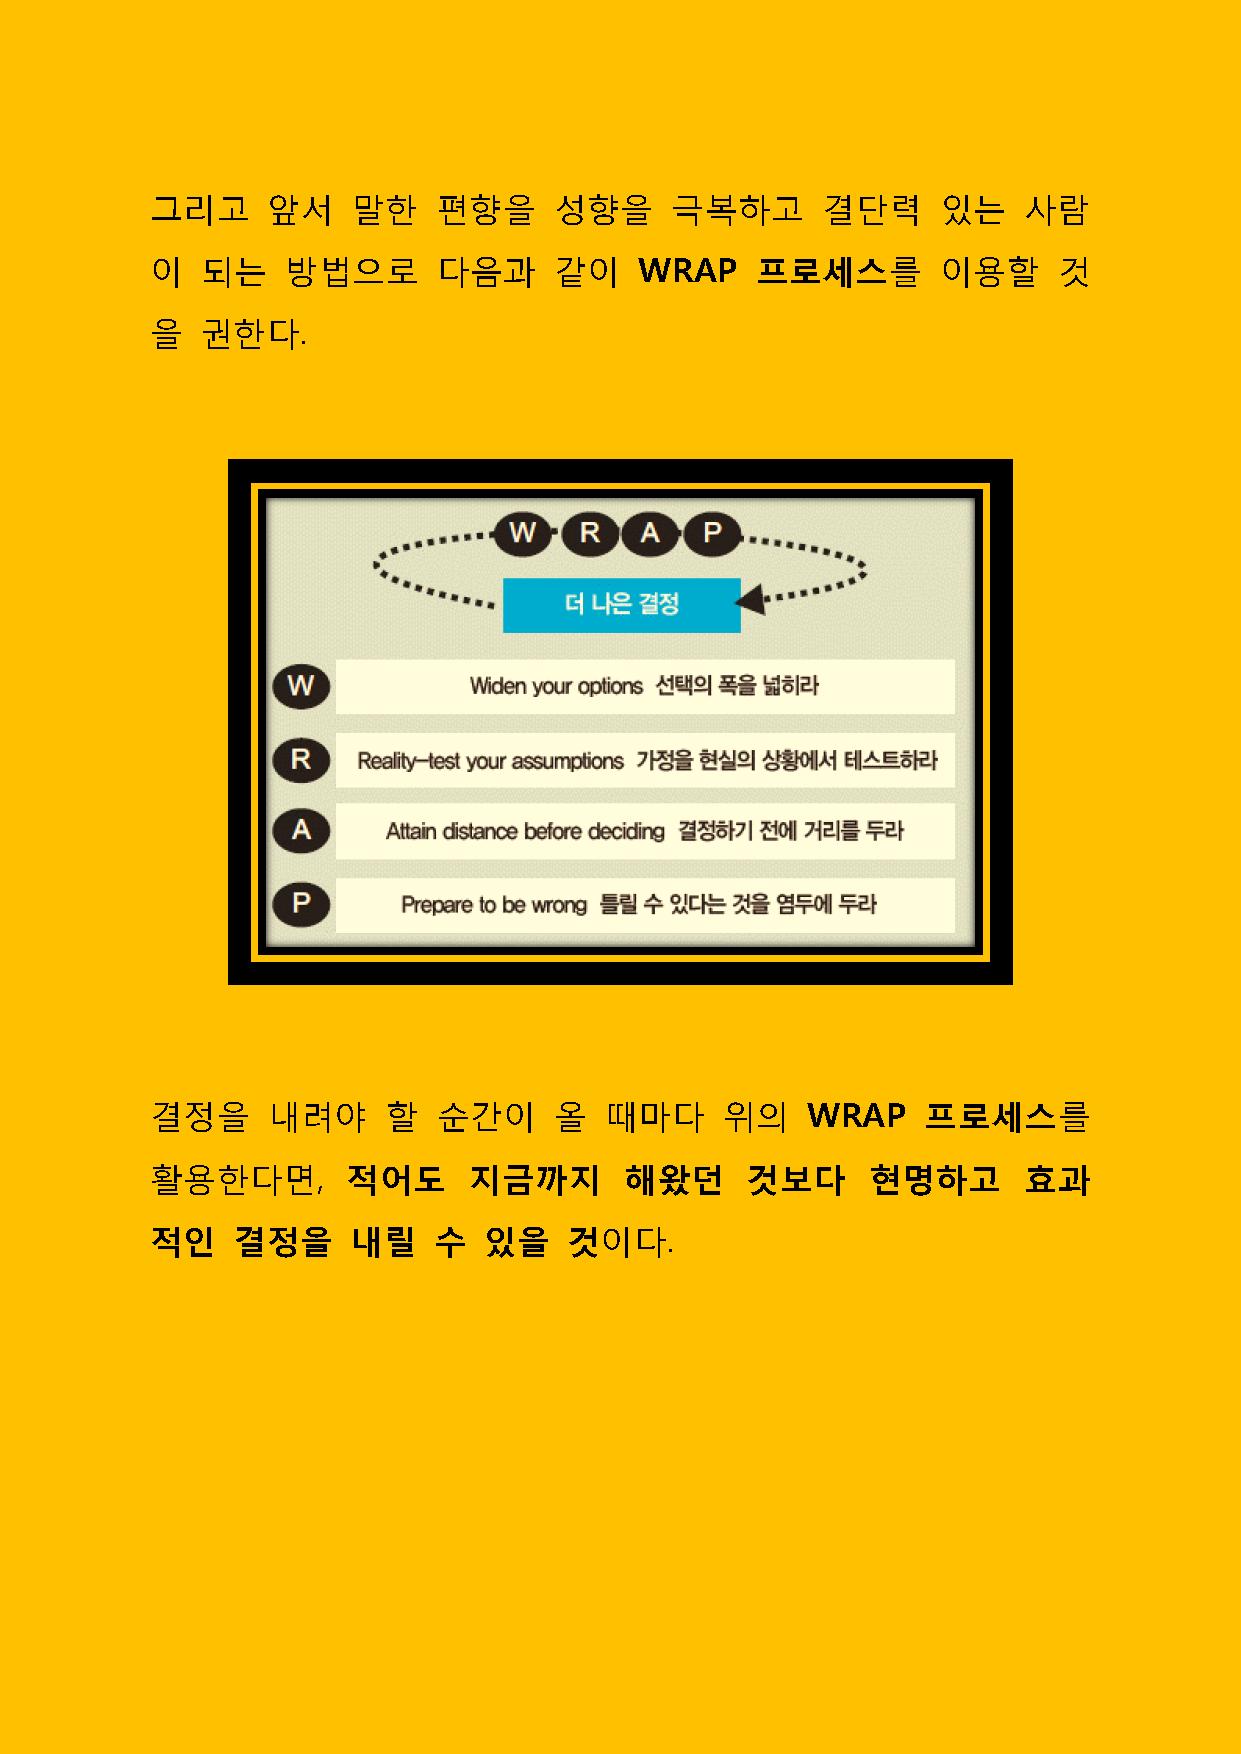 라이트닝_Page_12.png